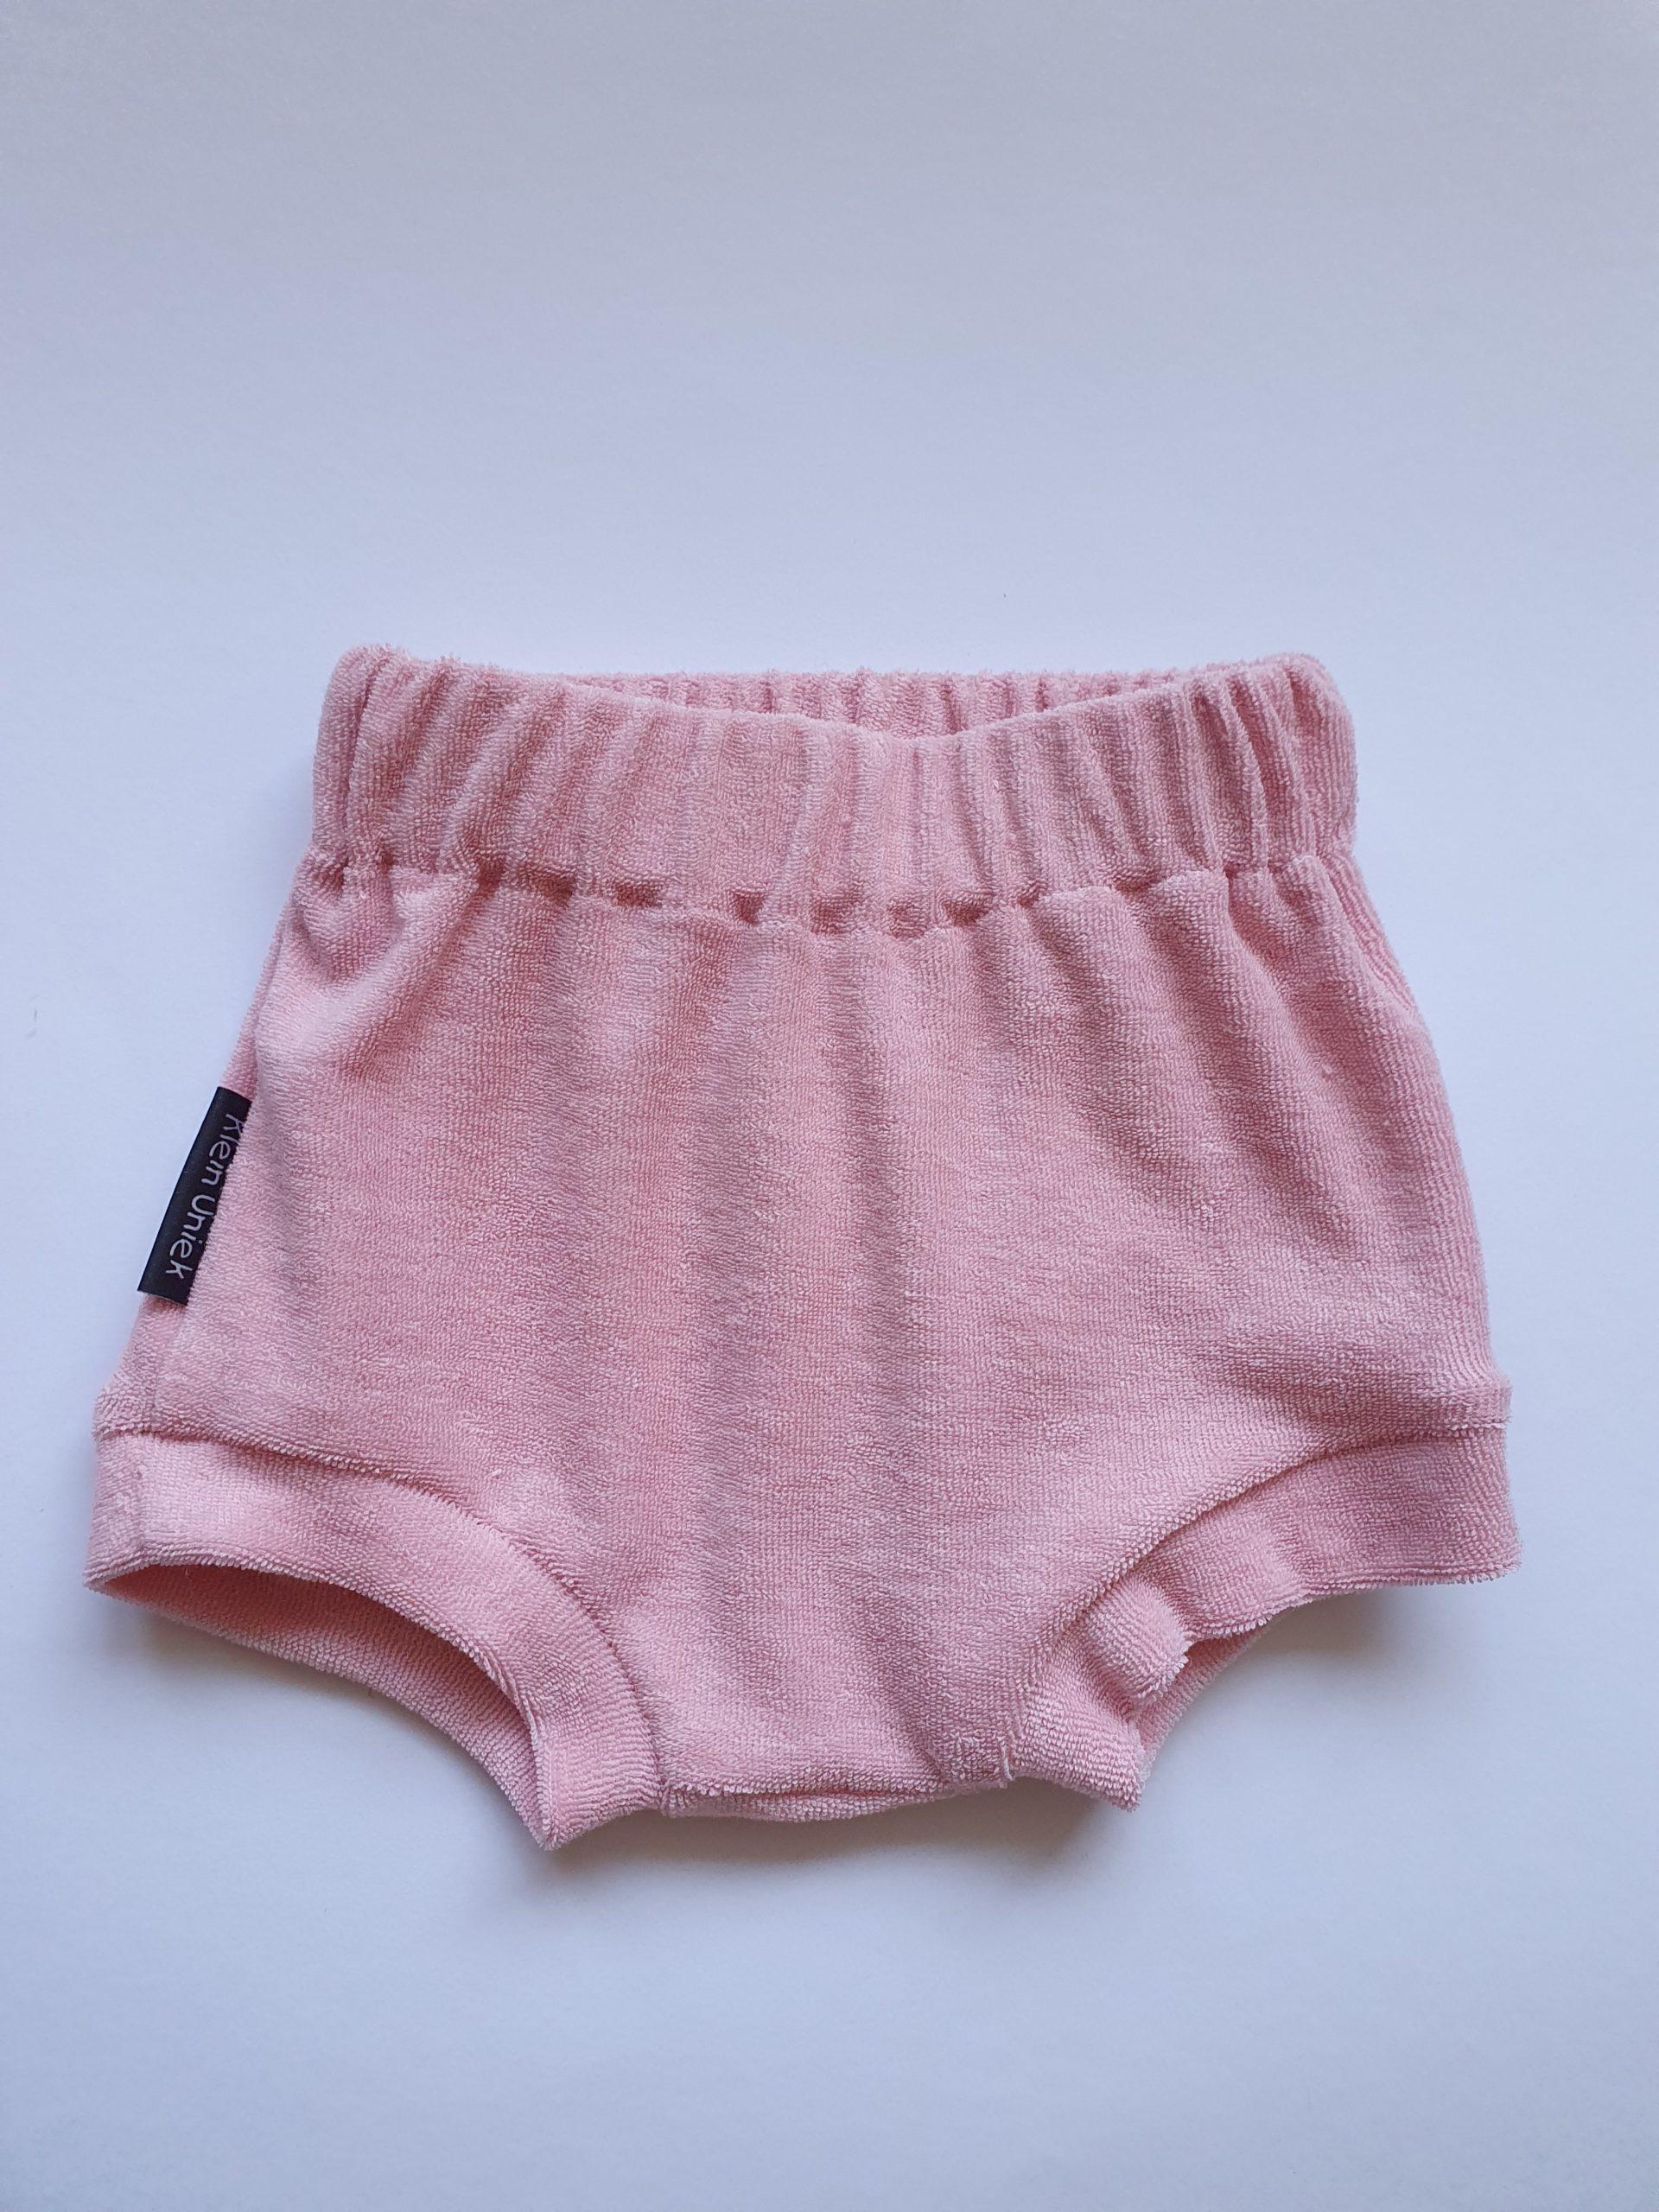 Badstof pink kortebroek.